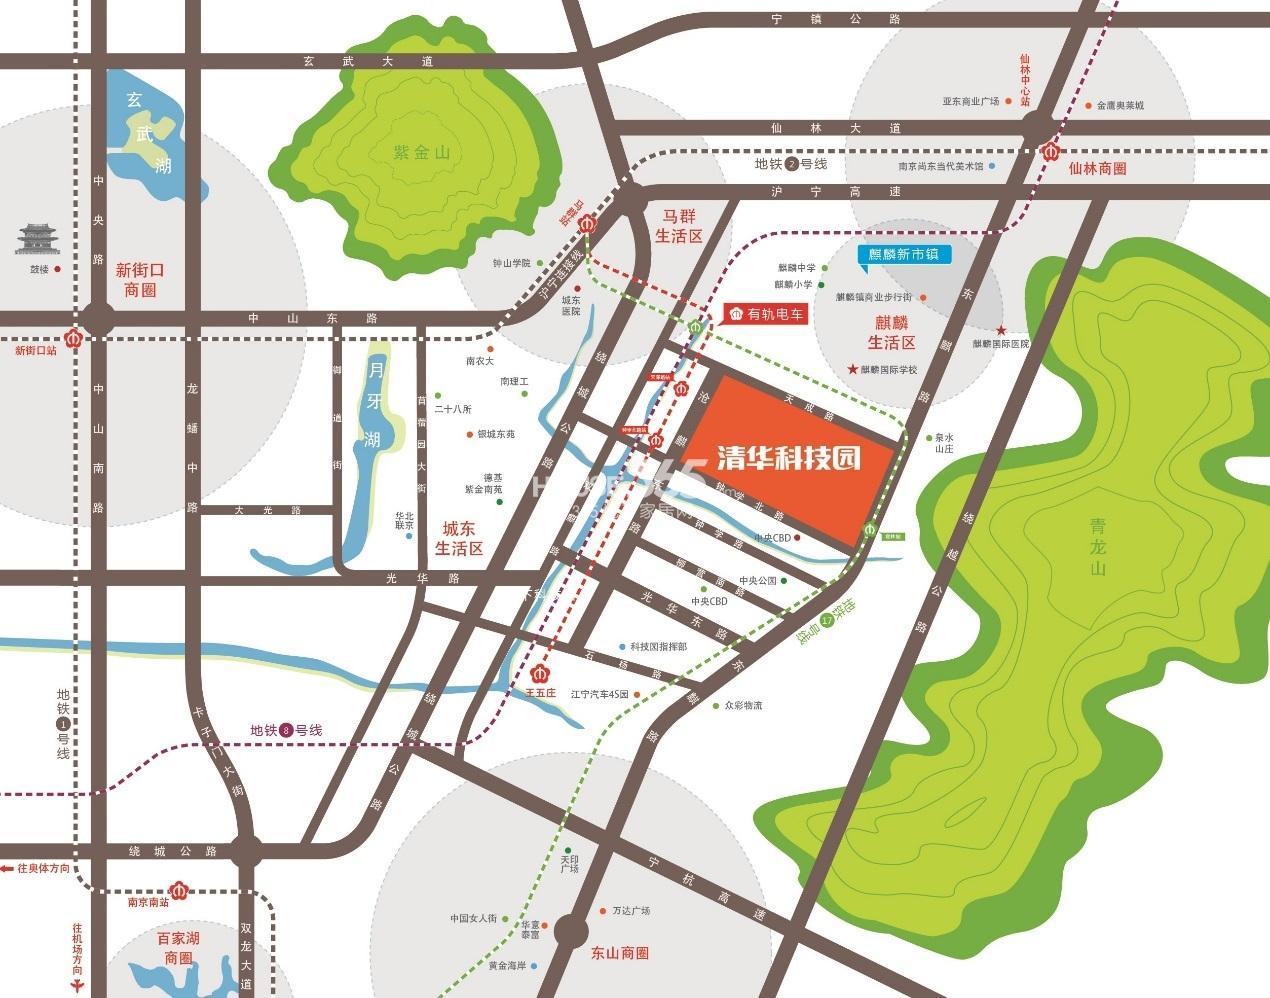 启迪科技城(南京)交通图